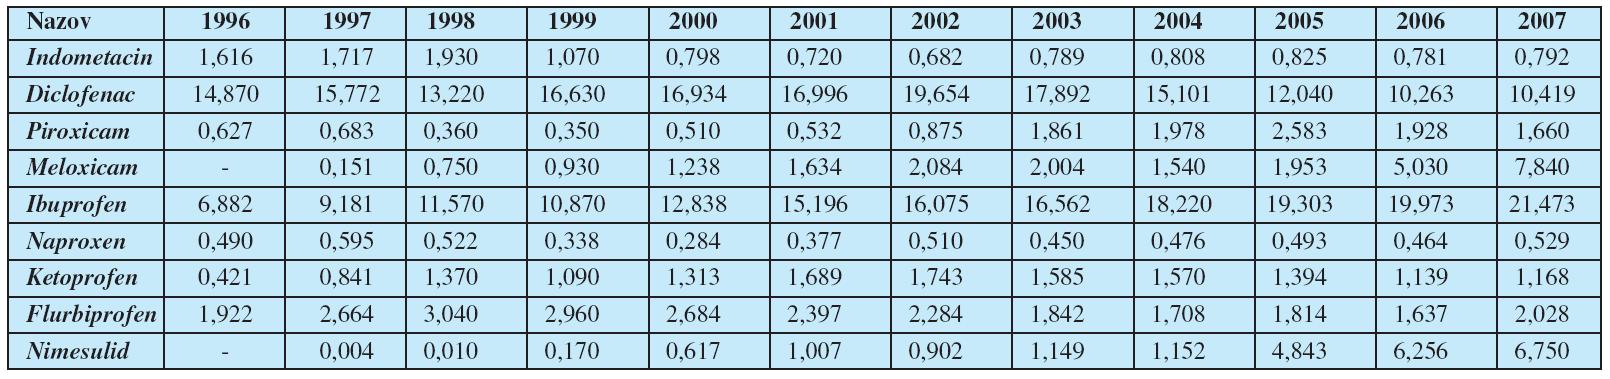 Utilizácia nesteroidových antiflogistík v Slovenskej republike (v DDD/1 000 obyvateĺov/deň)